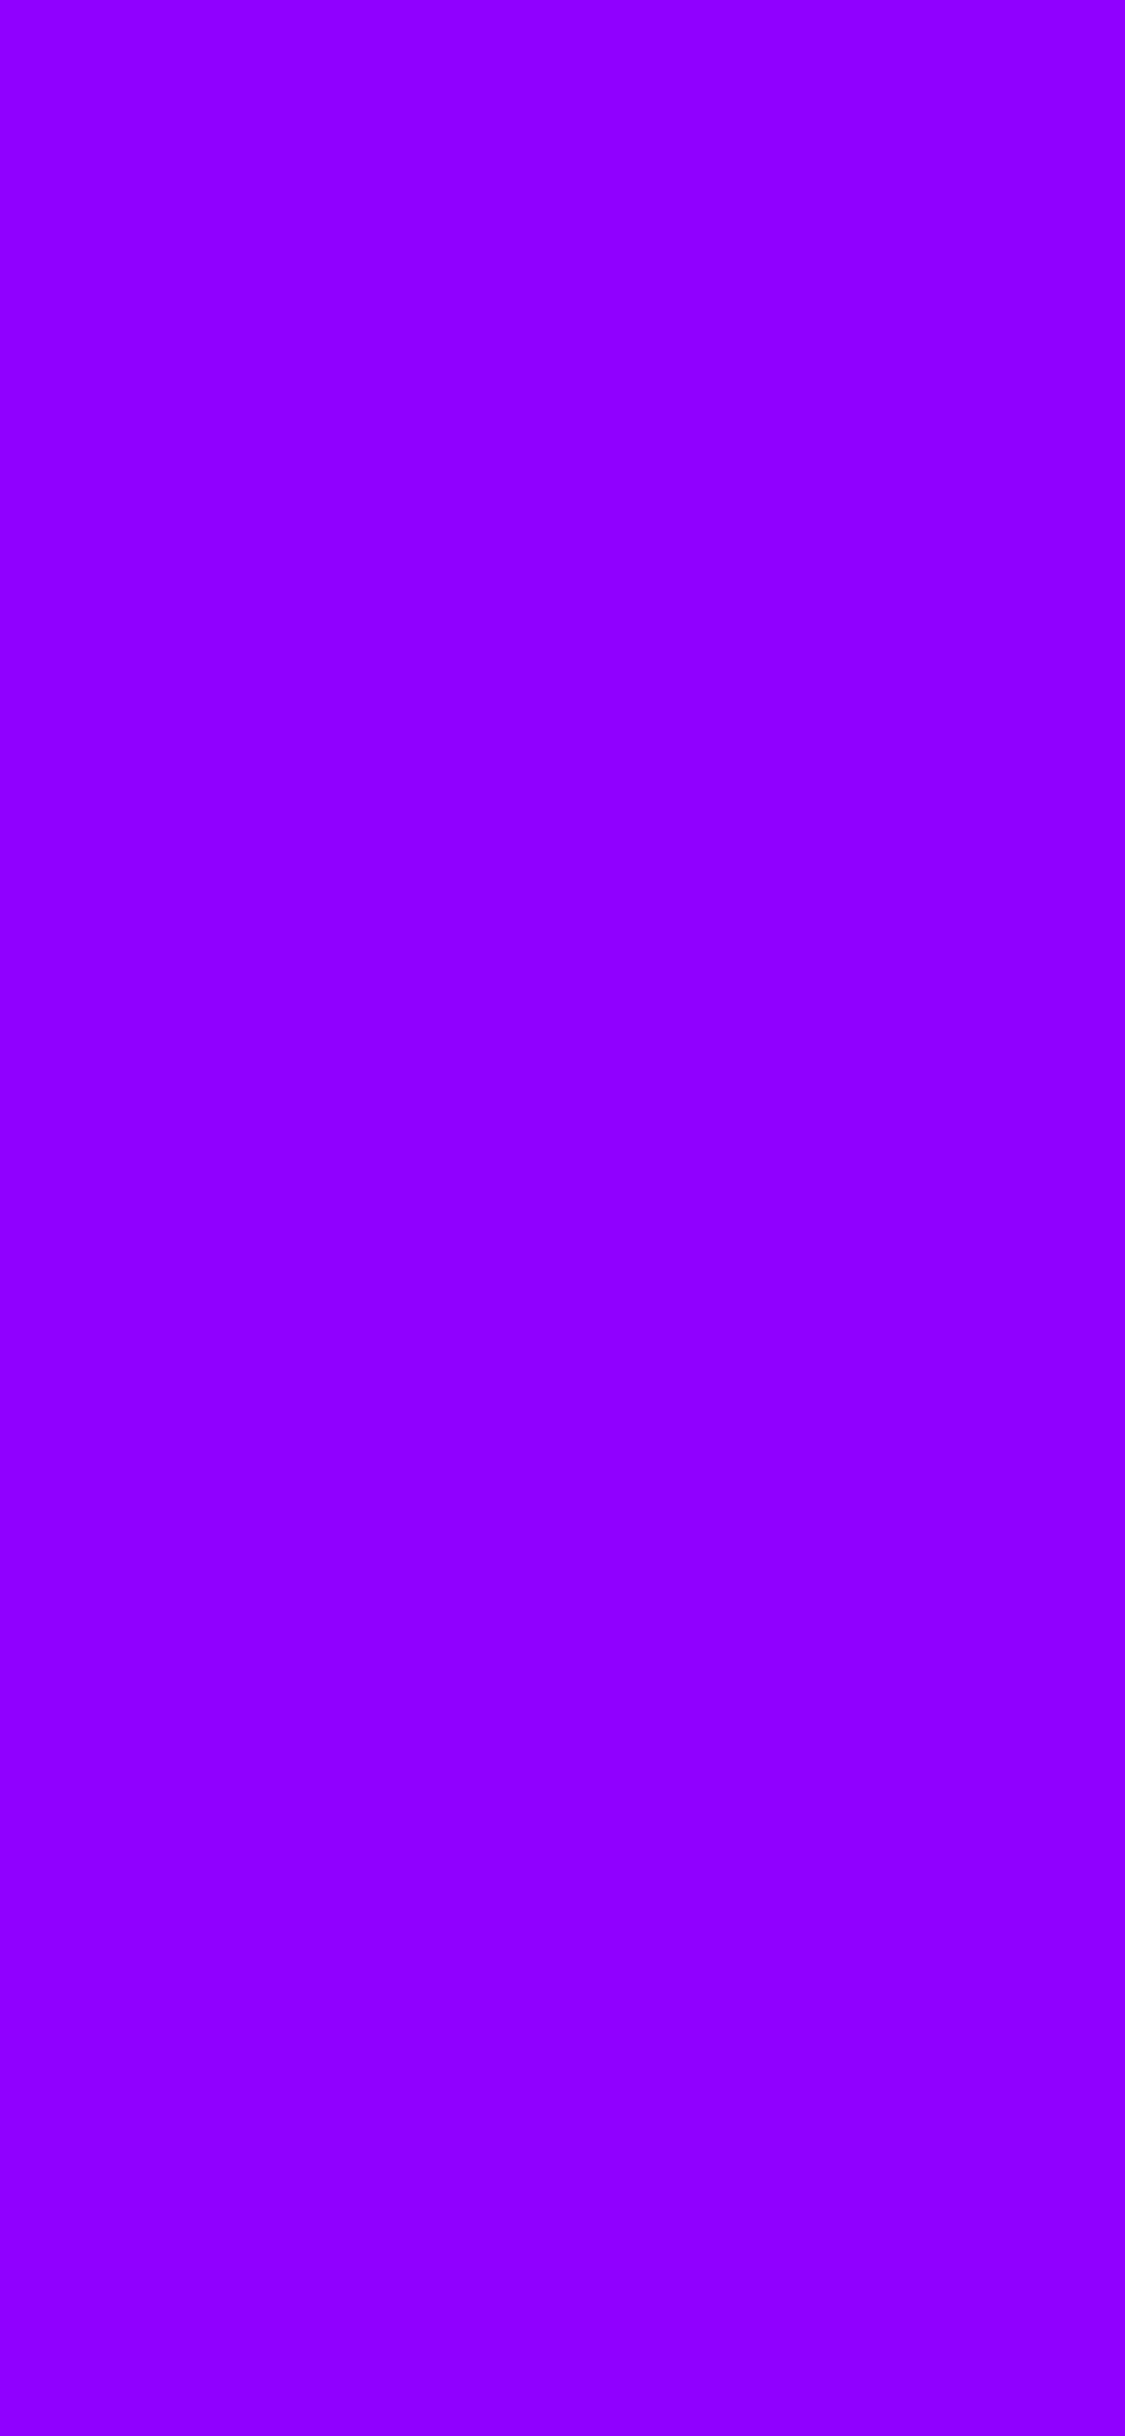 1125x2436 Violet Solid Color Background